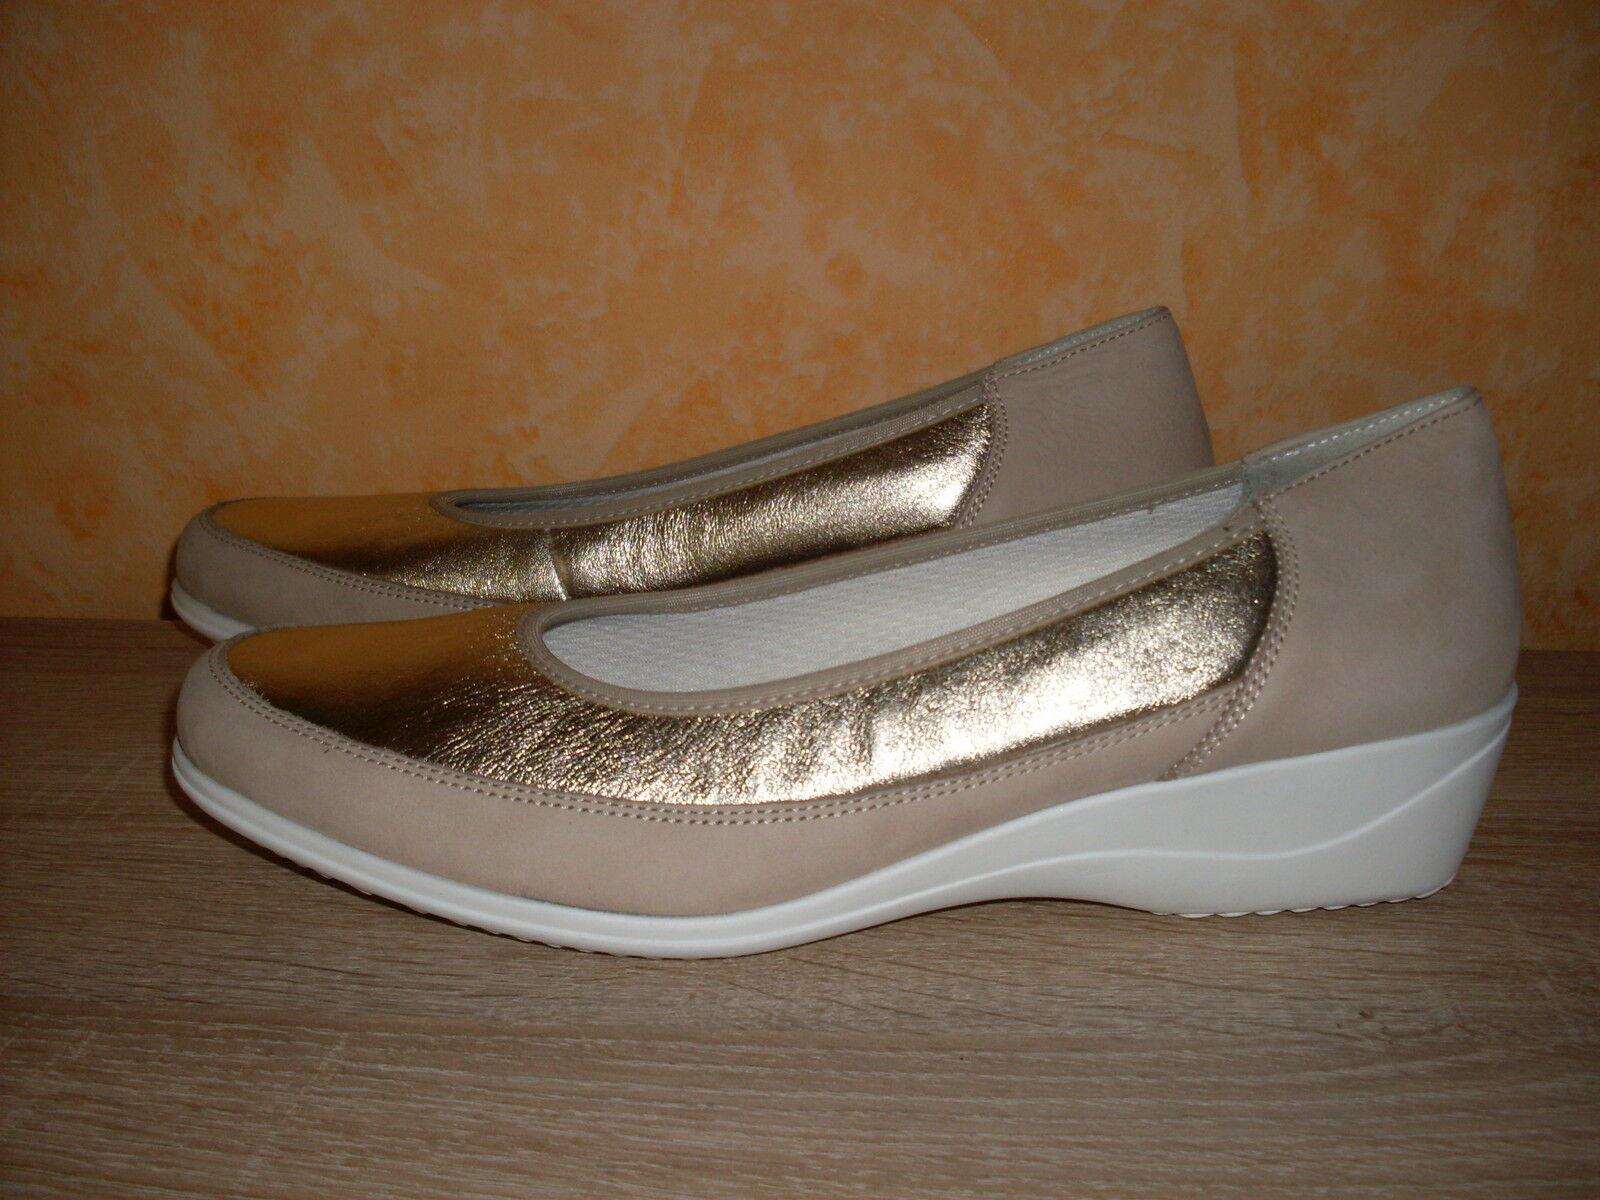 Femmes Chaussure élégante Ara Slipper NEUF T. 42 8 H BEIGE OR & CUIR Très Confortable